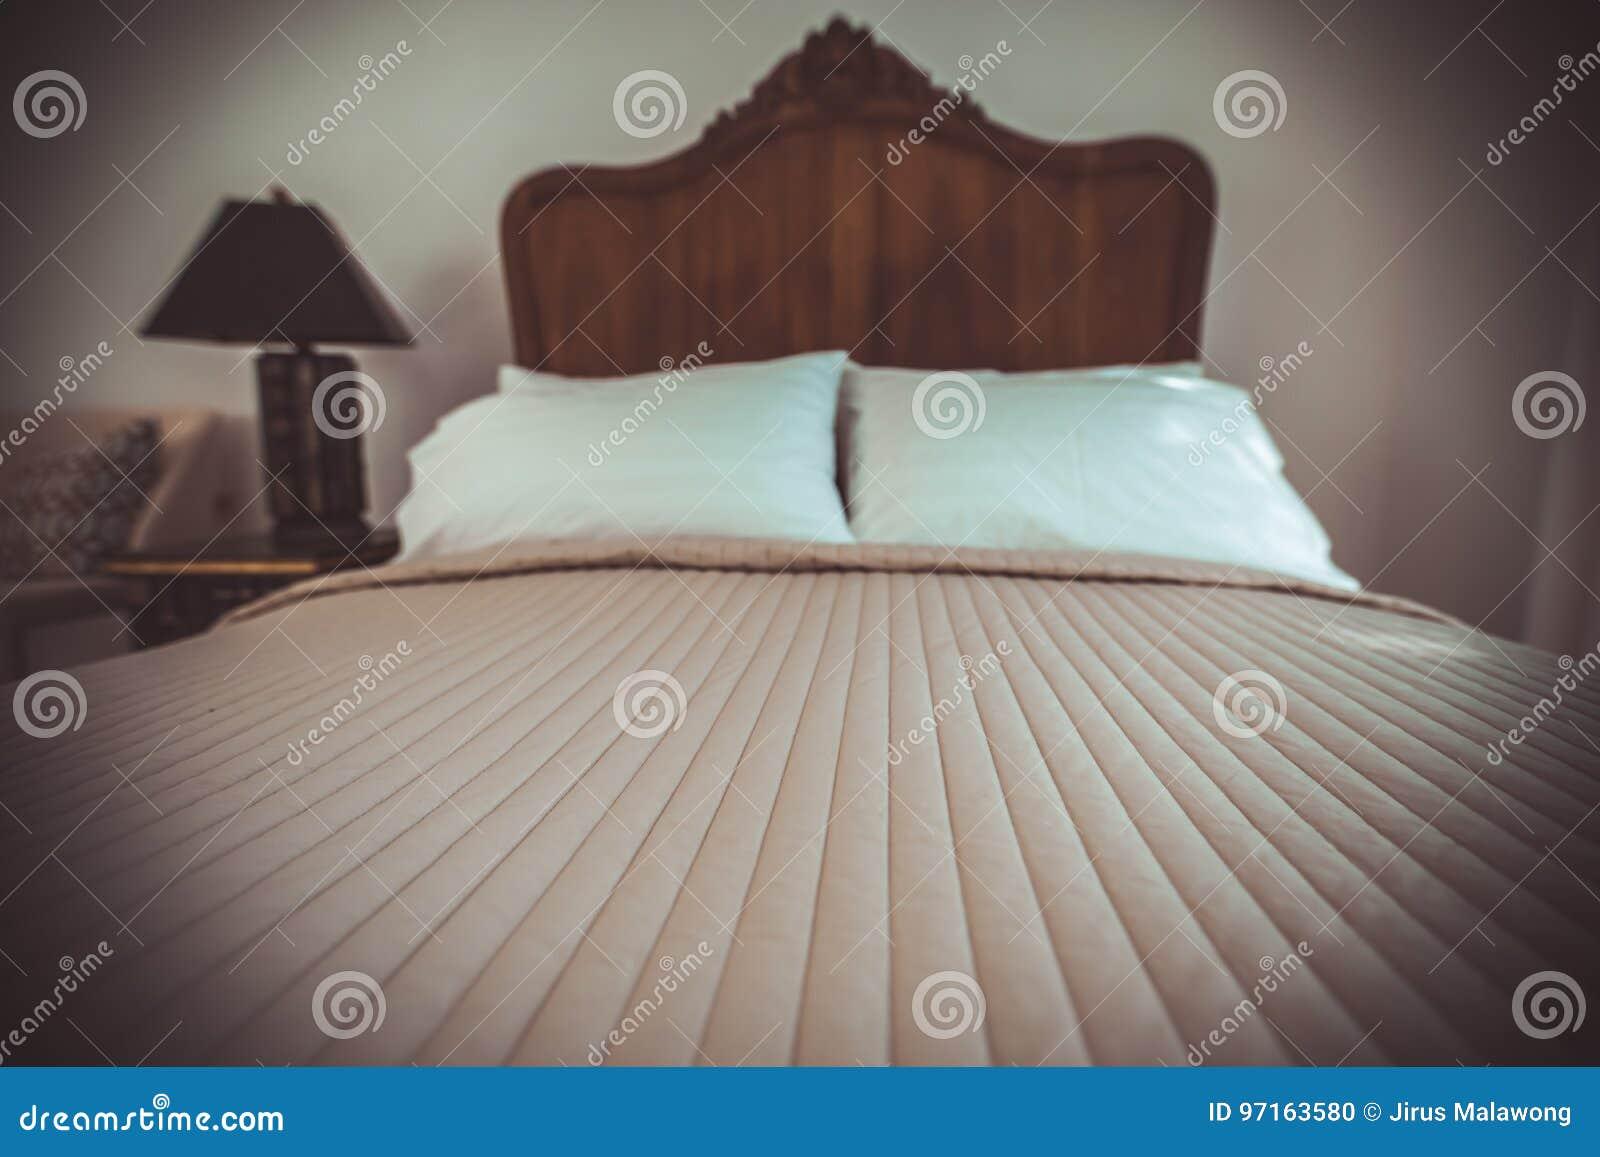 het klassieke meubilair van het teak houten bed in de warme en comfortabele slaapkamer naast de vensters met ochtendzonlicht